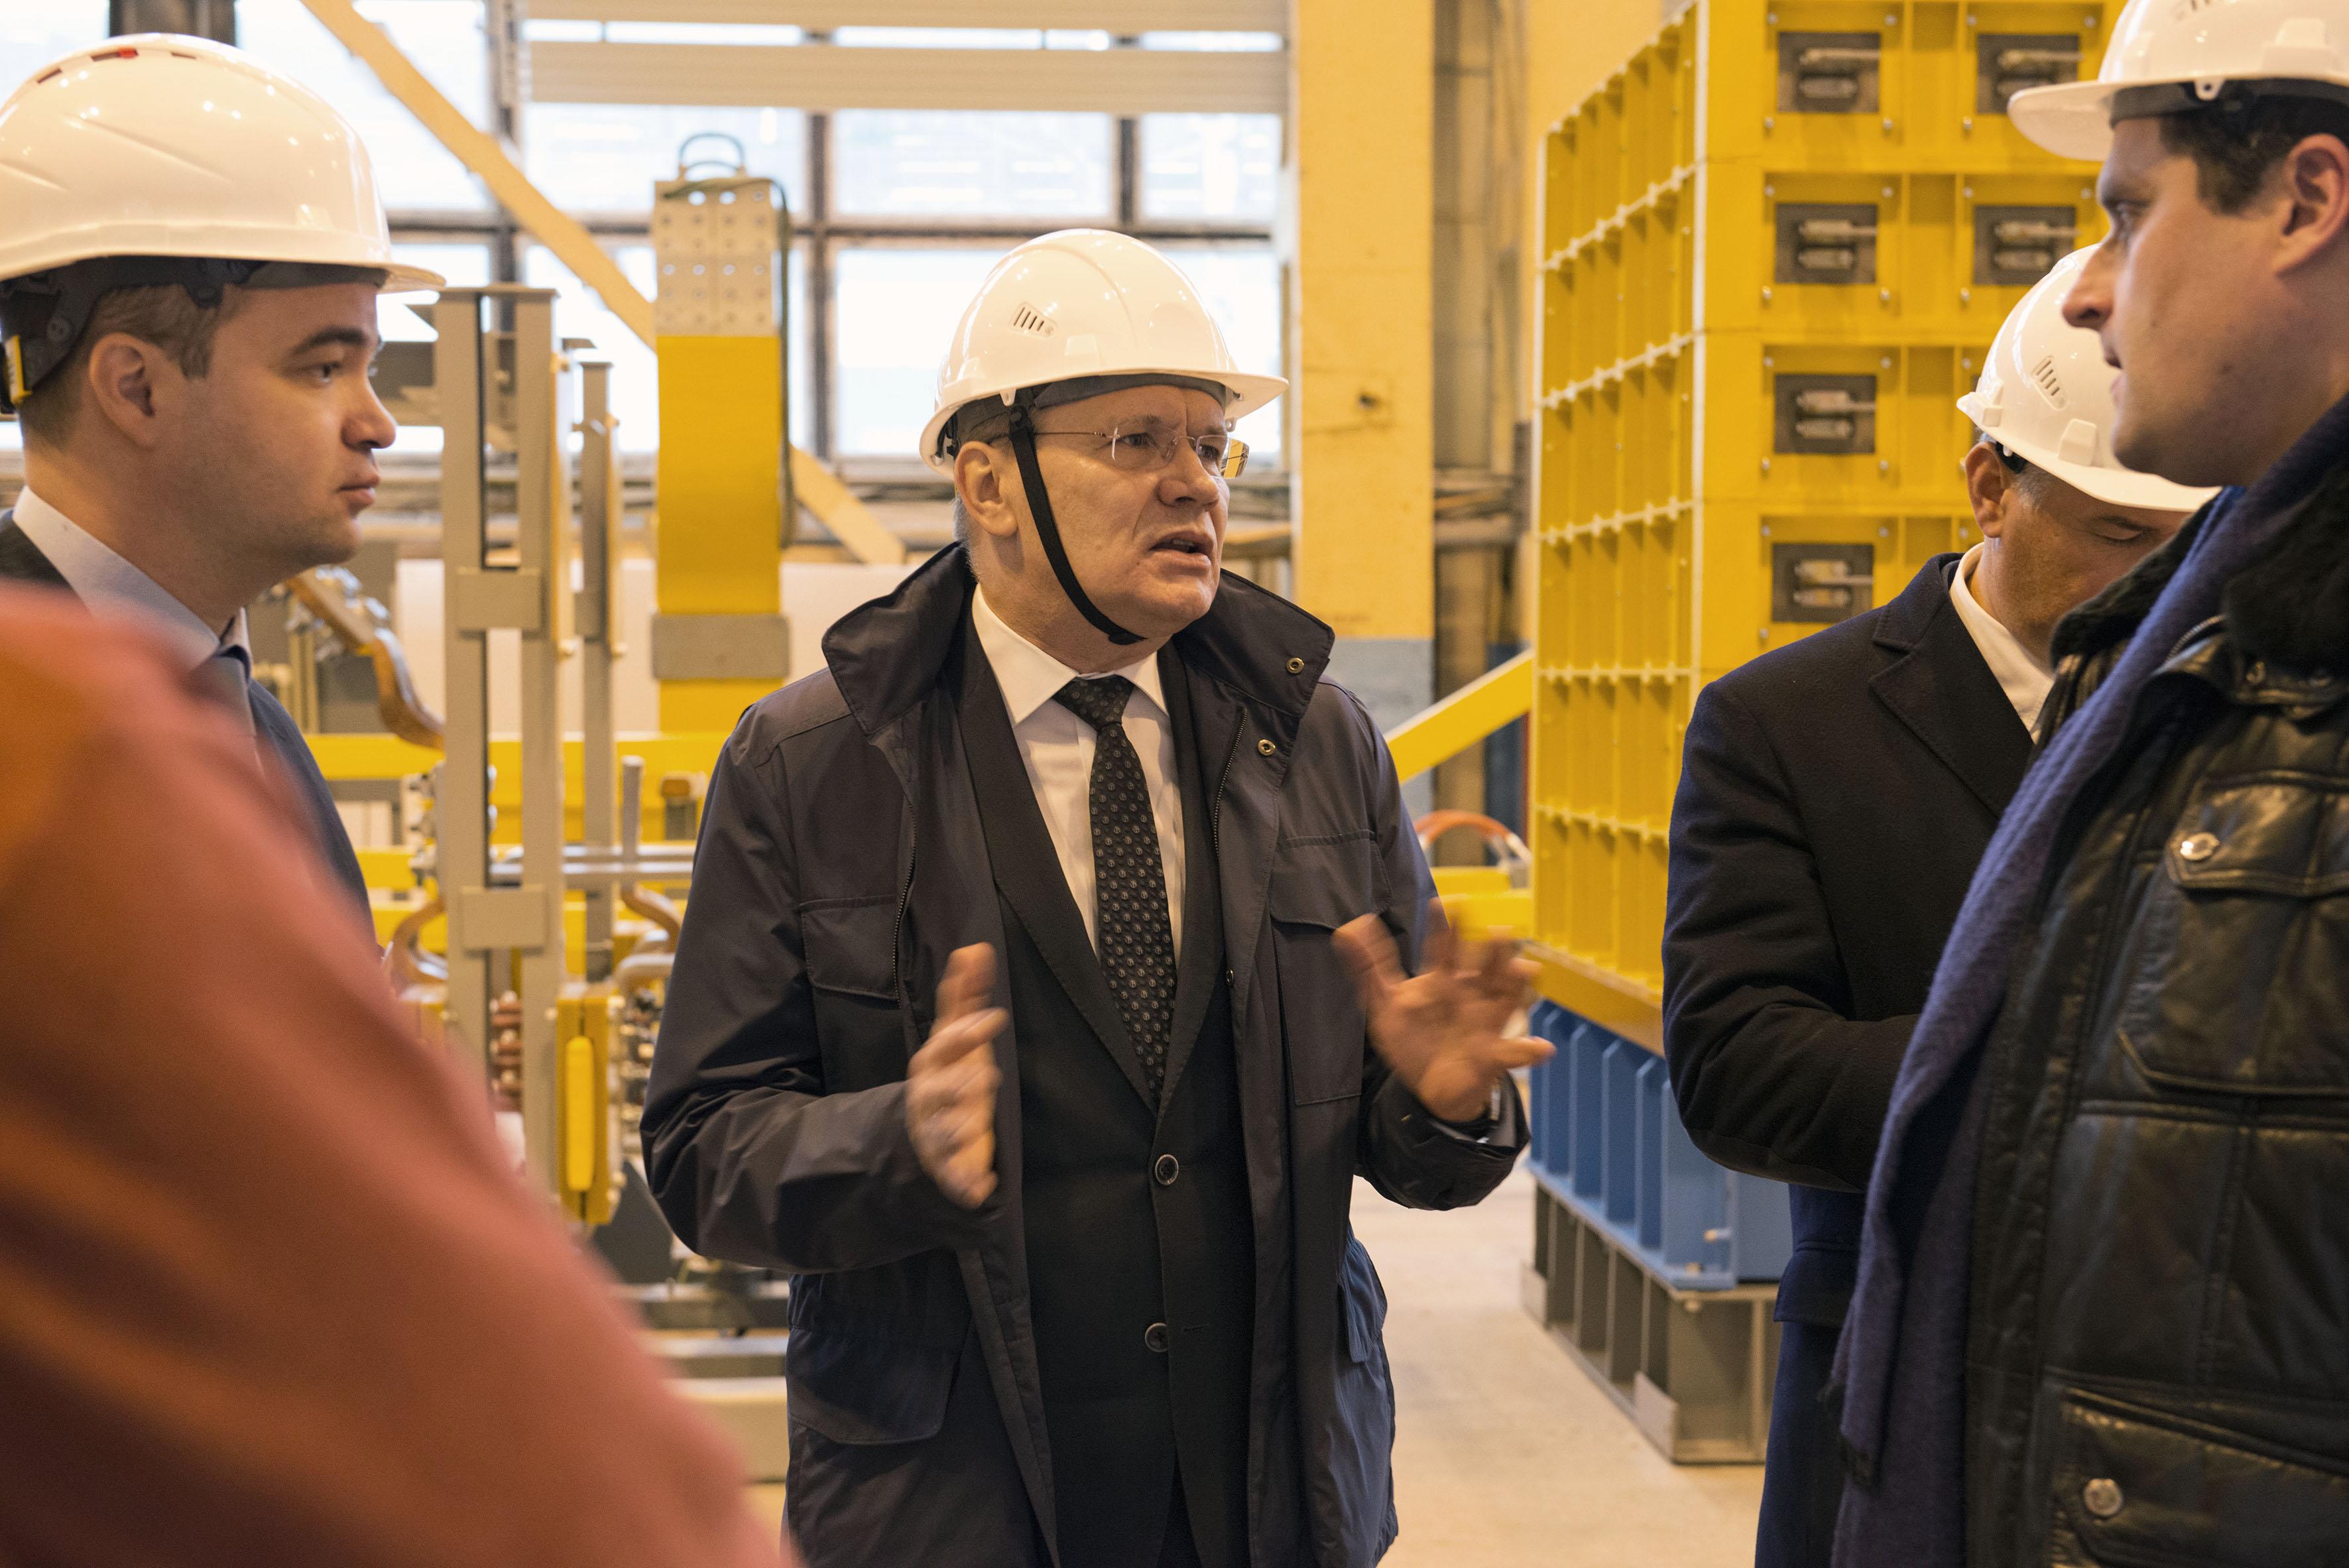 Визит главы Росатома А.Е.Лихачёва в НИИЭФА 8.11.2019